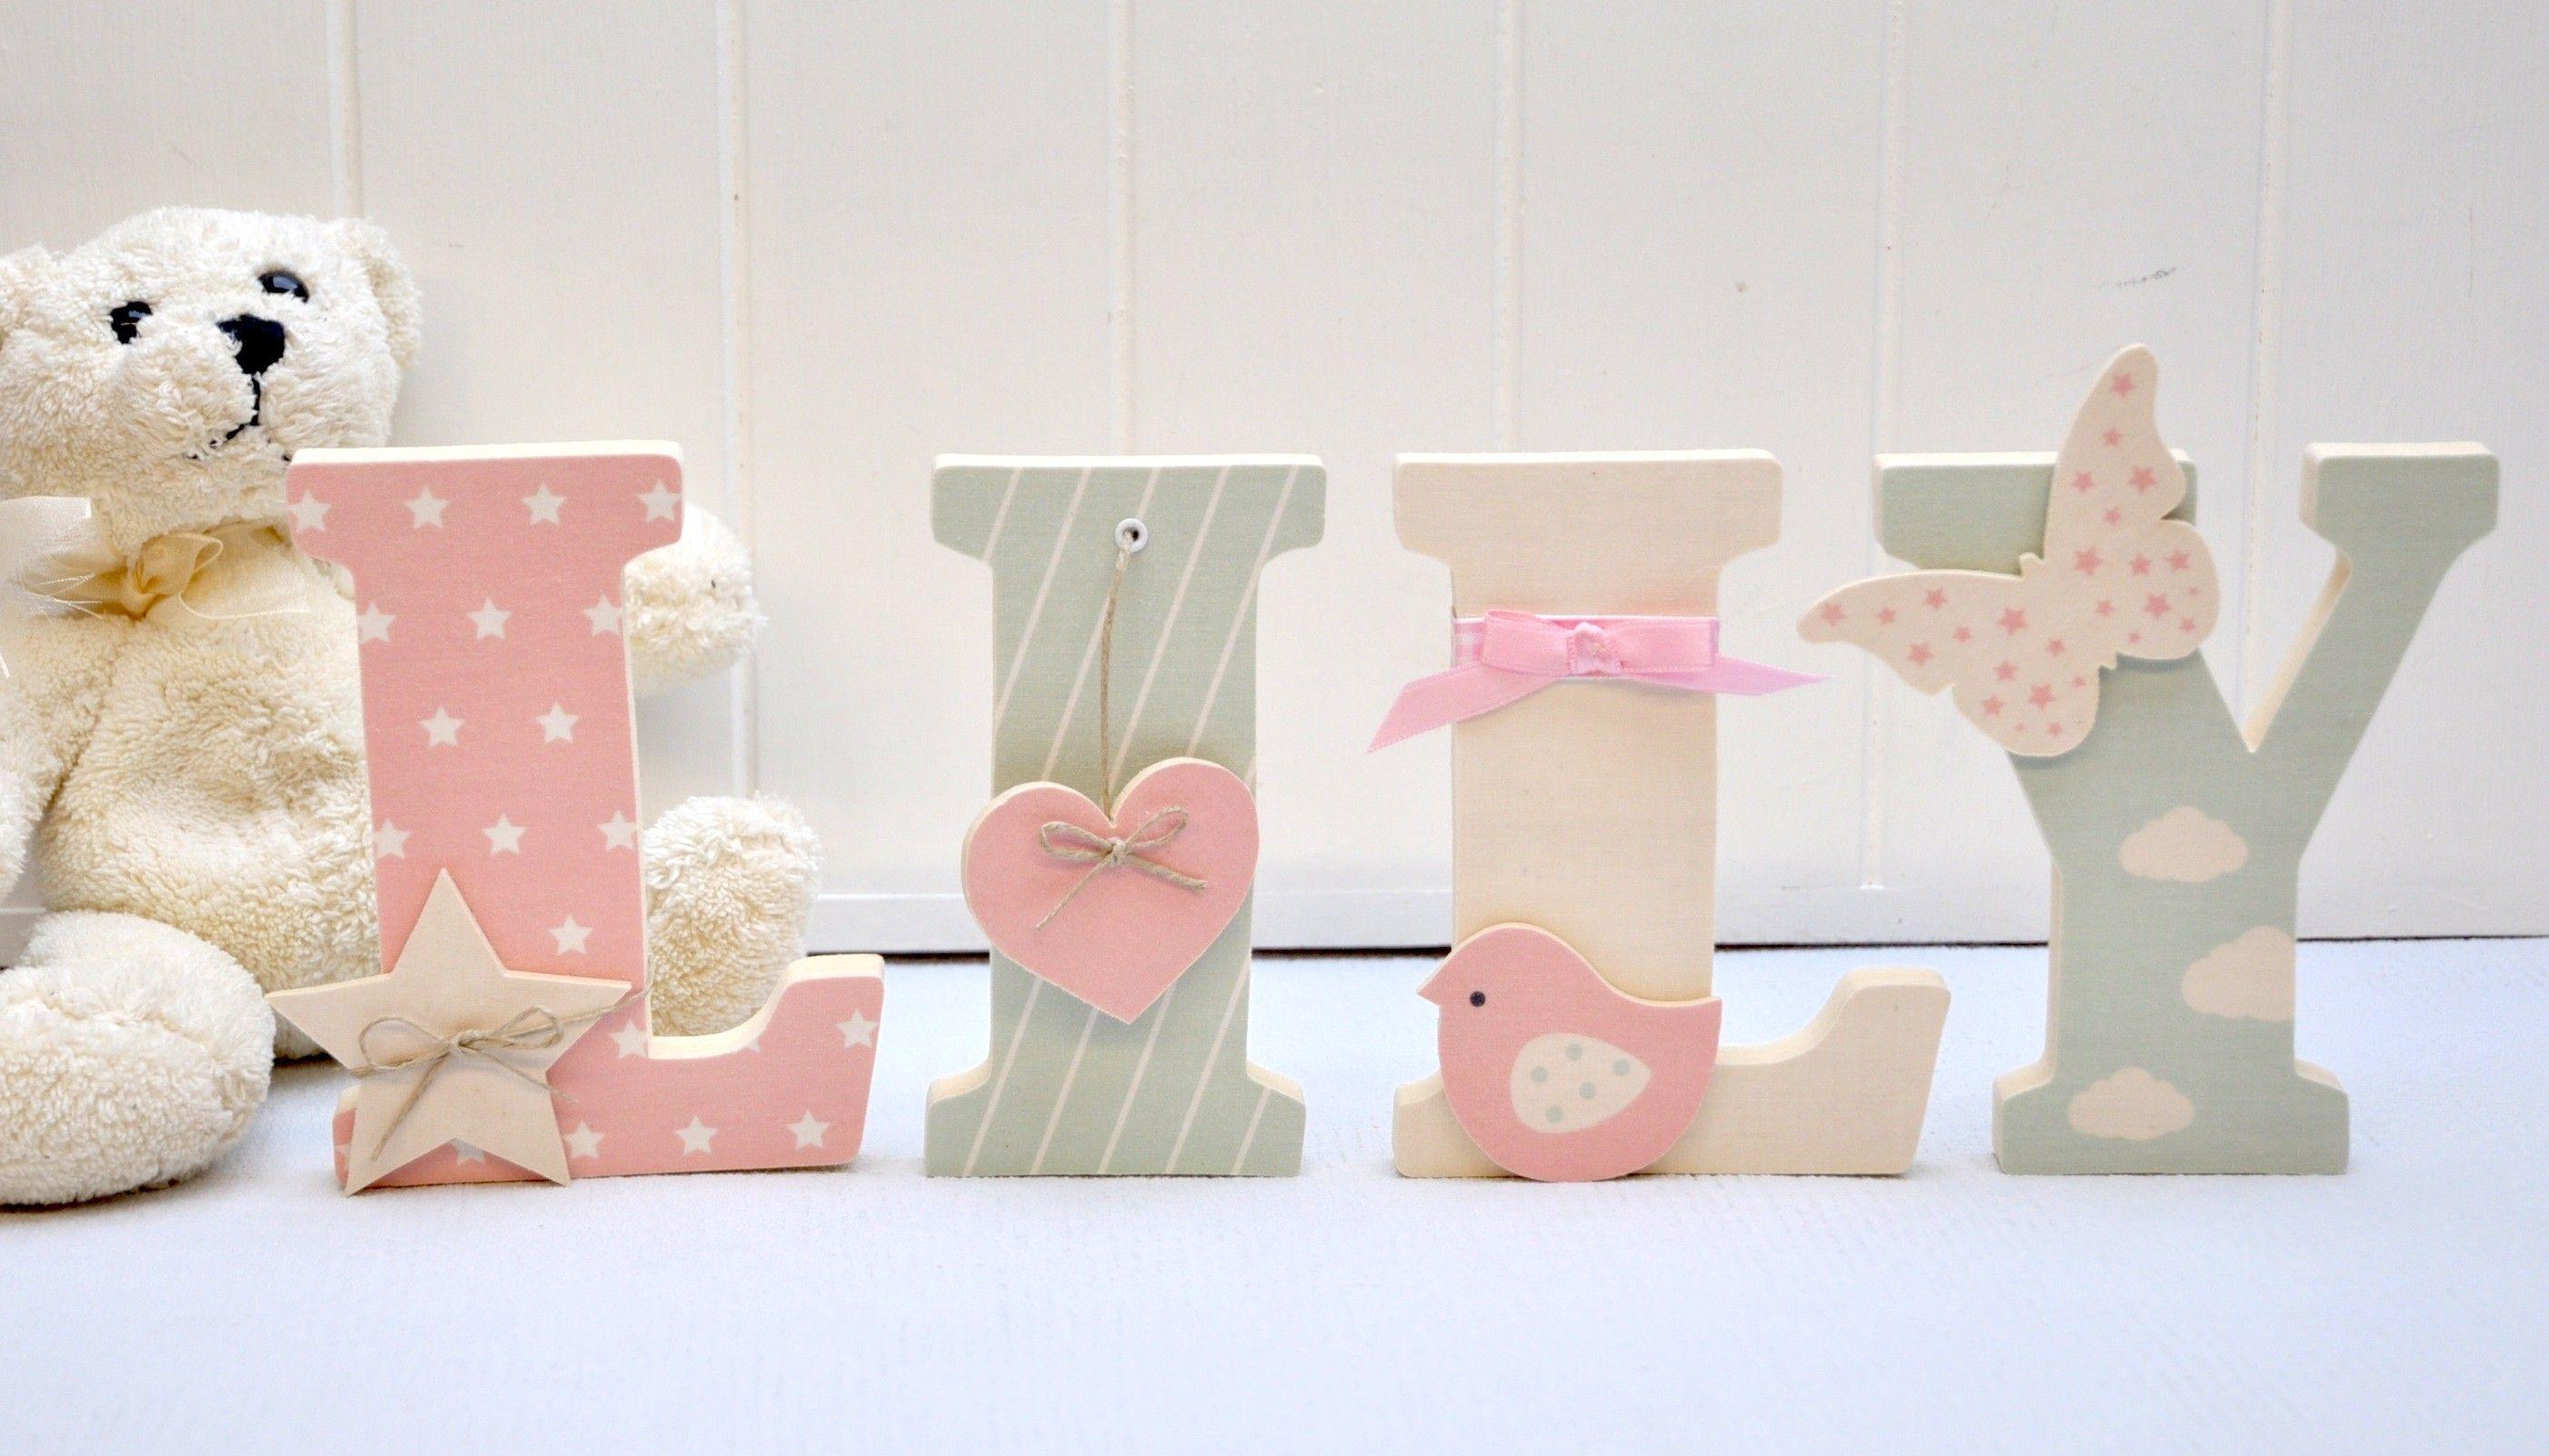 Lettre Chambre Bebe #2: Lettre En Bois Et Tissu Pour Chambre De Fille Et Bébé Prénom Lily Plus